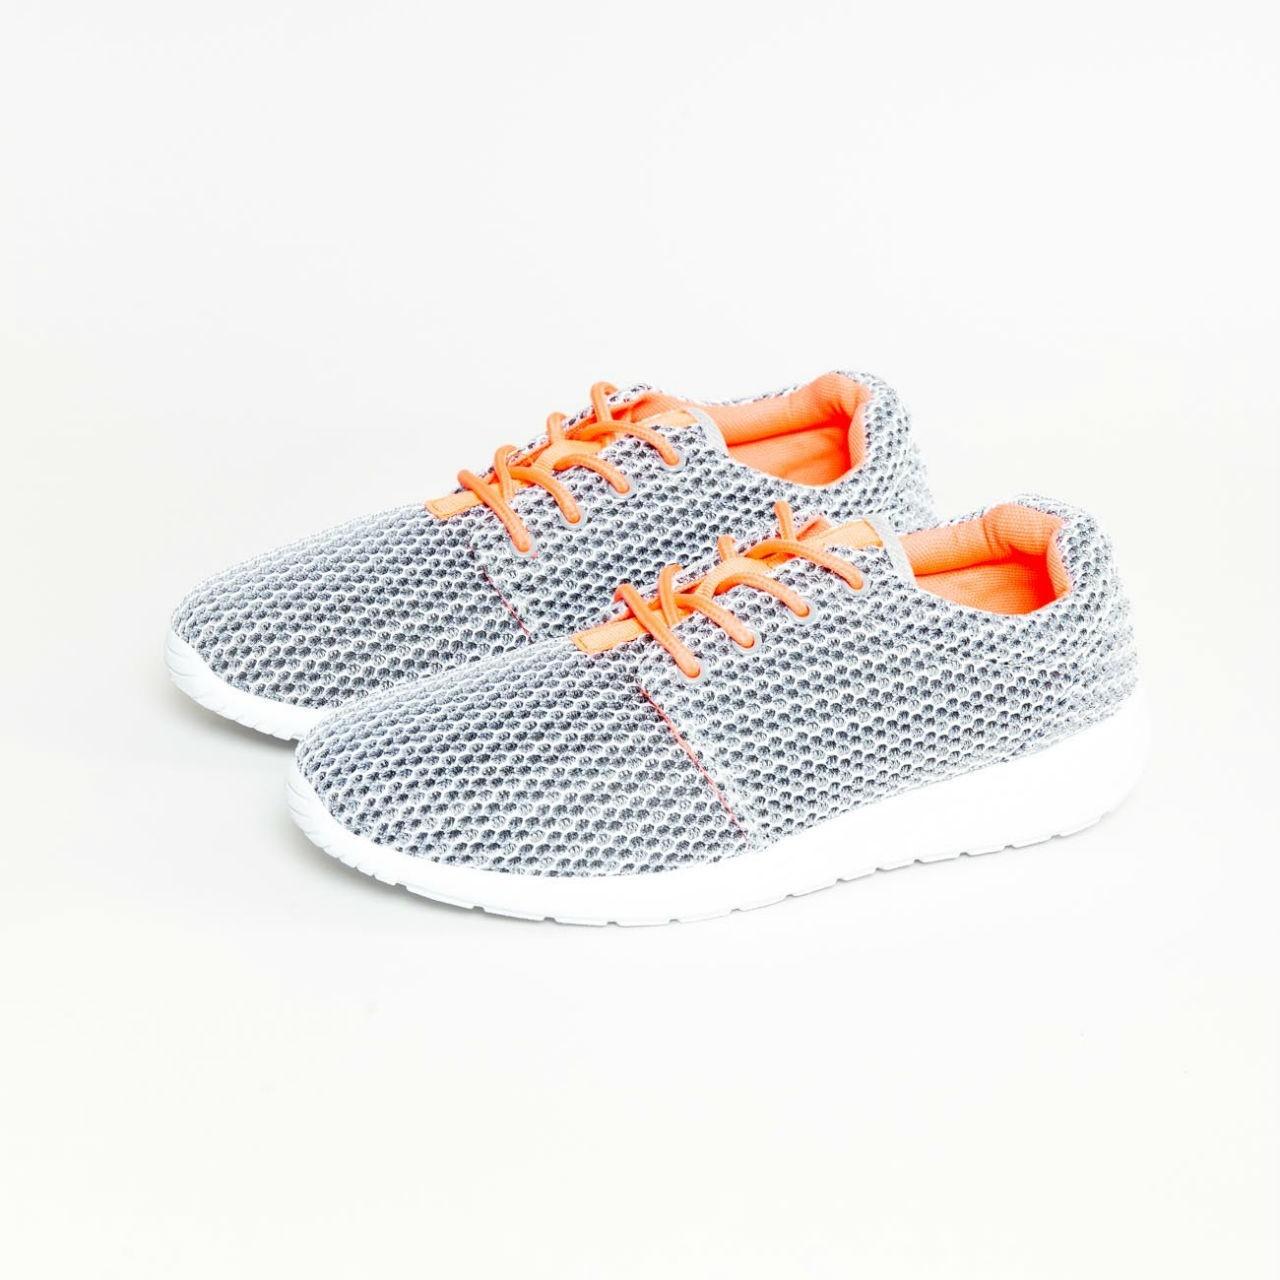 Šedé sportovní boty – 36